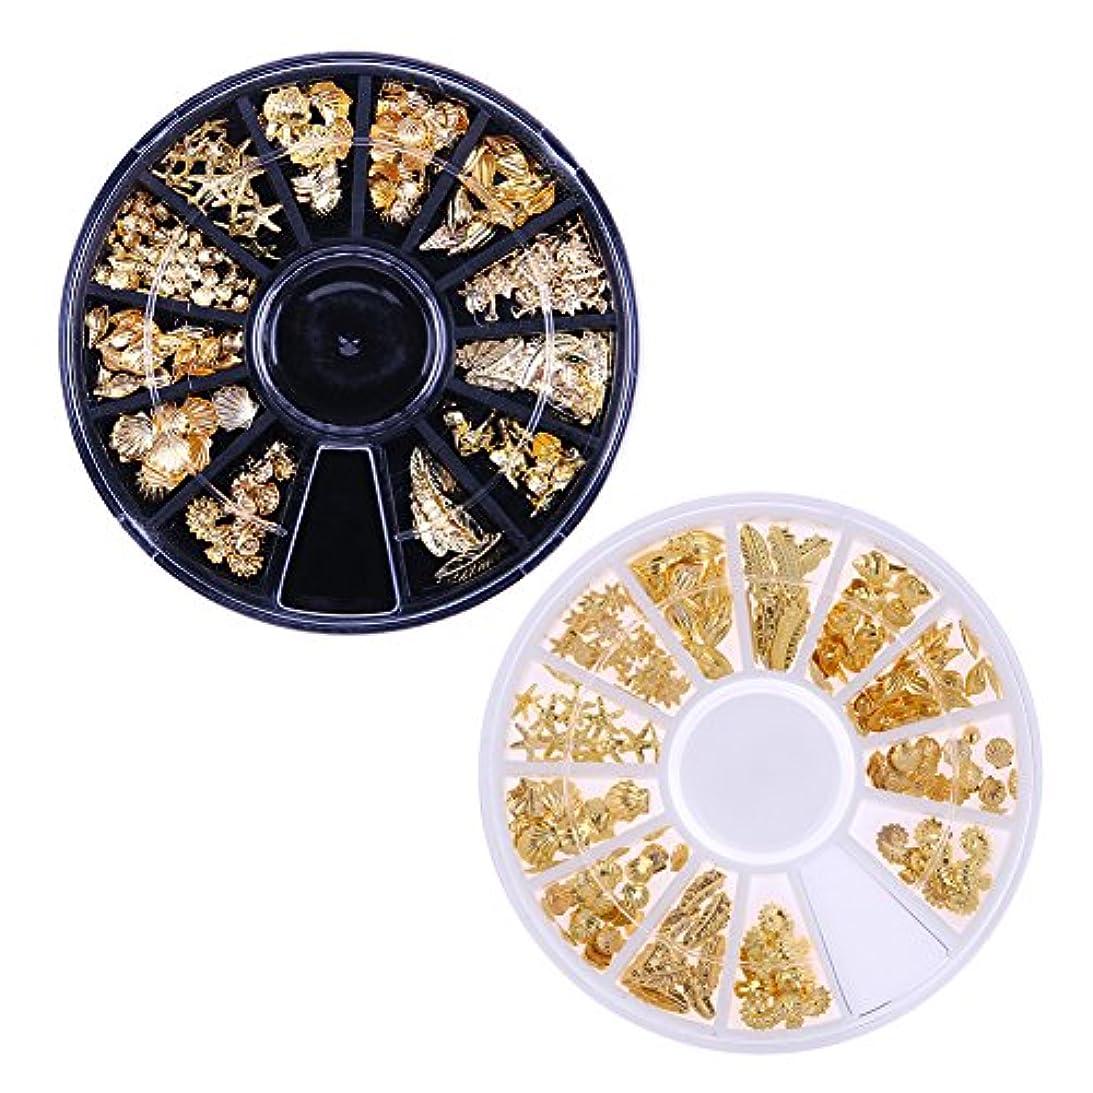 稼ぐルビーかわいらしいDemiawaking 3D ネイルパーツ メタル ゴールド 海テーマ(貝殻/海馬/海星など) 12種形 ネイルデコレーション ラウンドケース入リ 2ケース